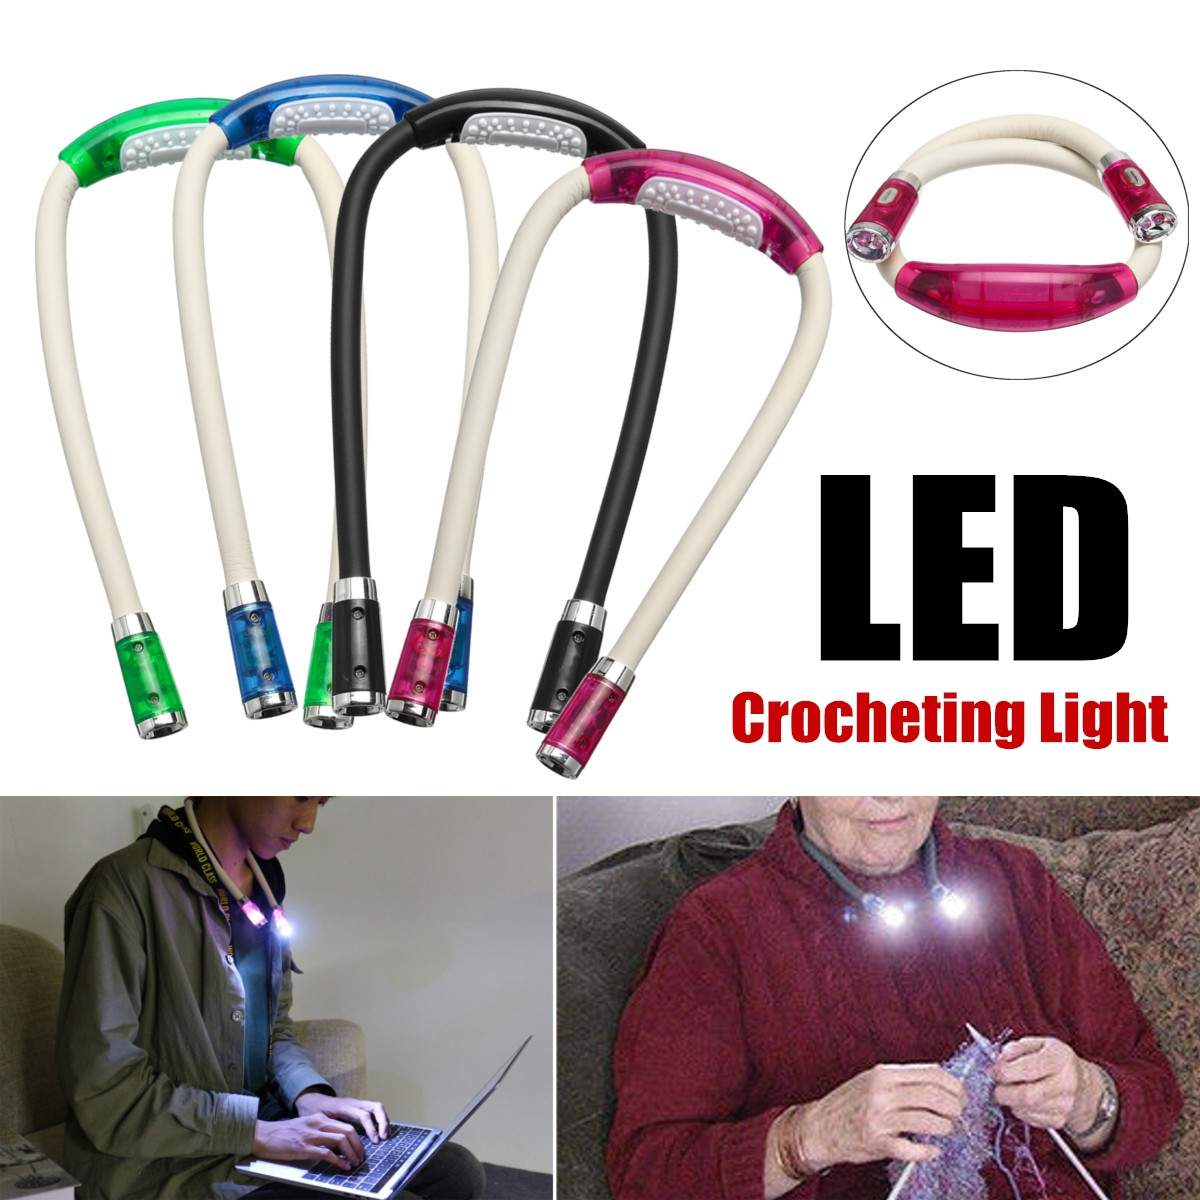 4 вида цветов Гибкая Handsfree светодиодная Ночная лампа для вязания крючком, лампа для чтения, регулируемое освещение для помещений